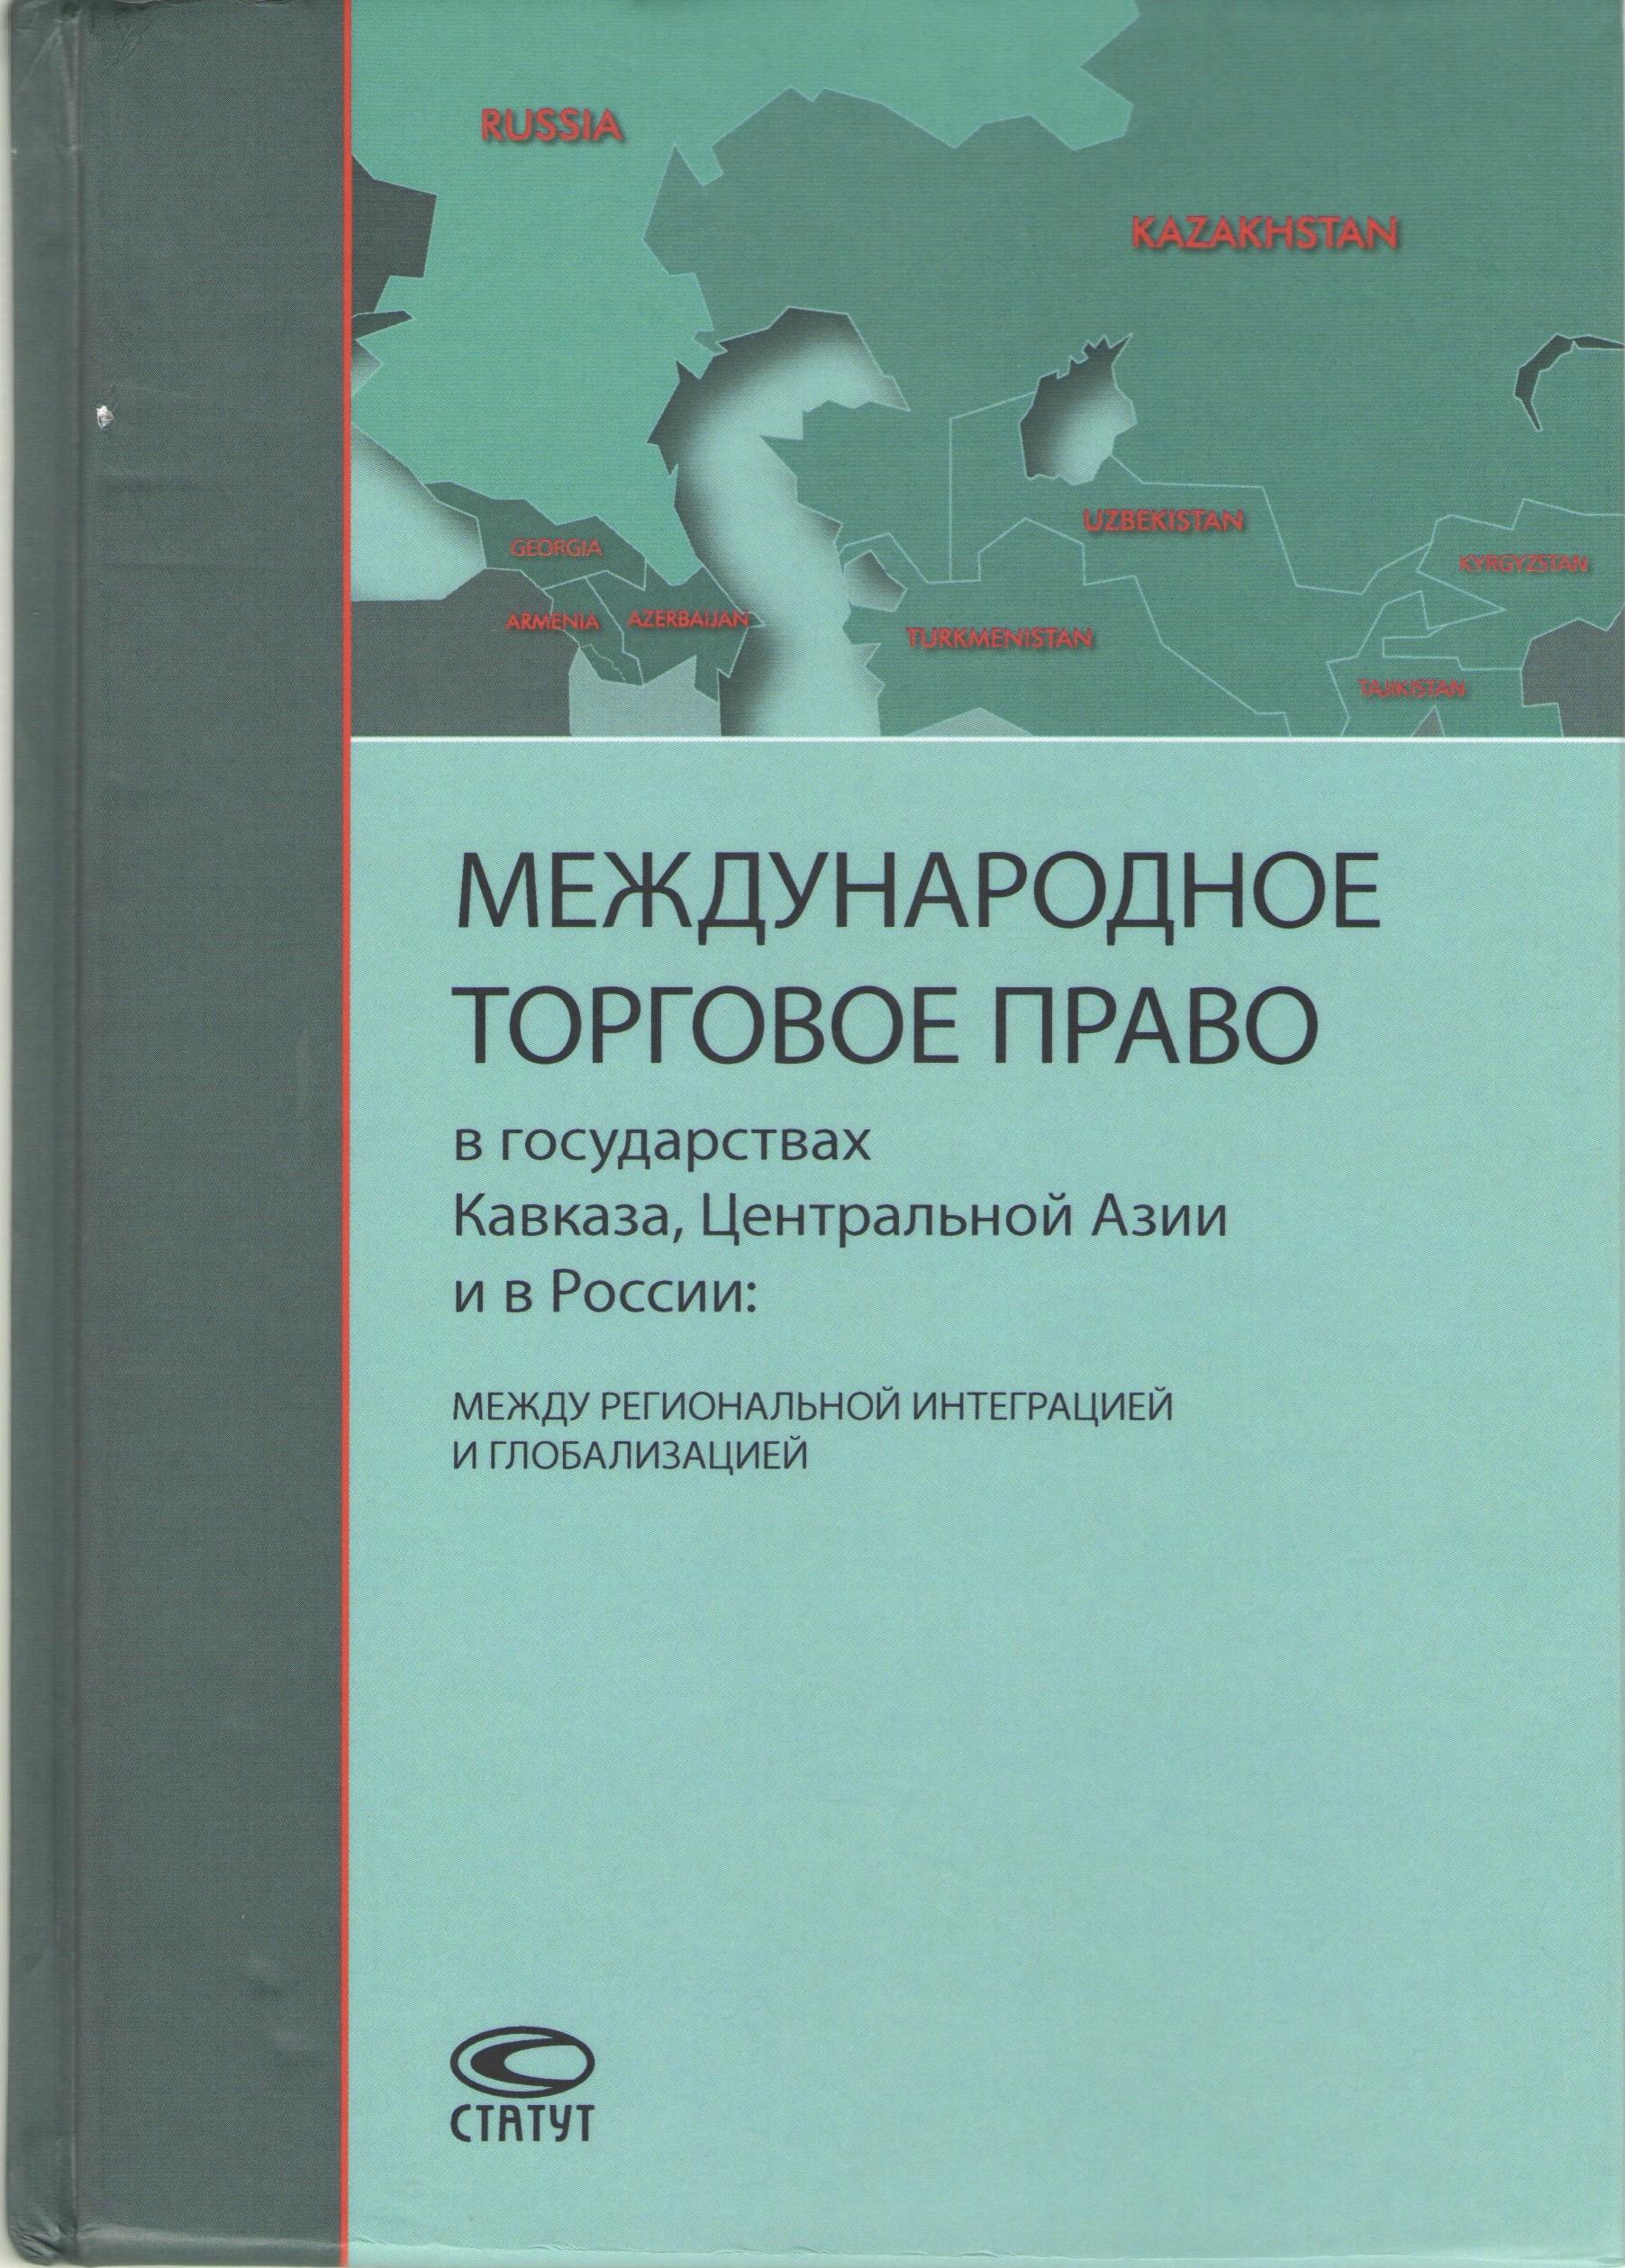 Международное торговое право в государствах Кавказа, центральной Азии и в России. Между региональной интеграцией и глобализацией